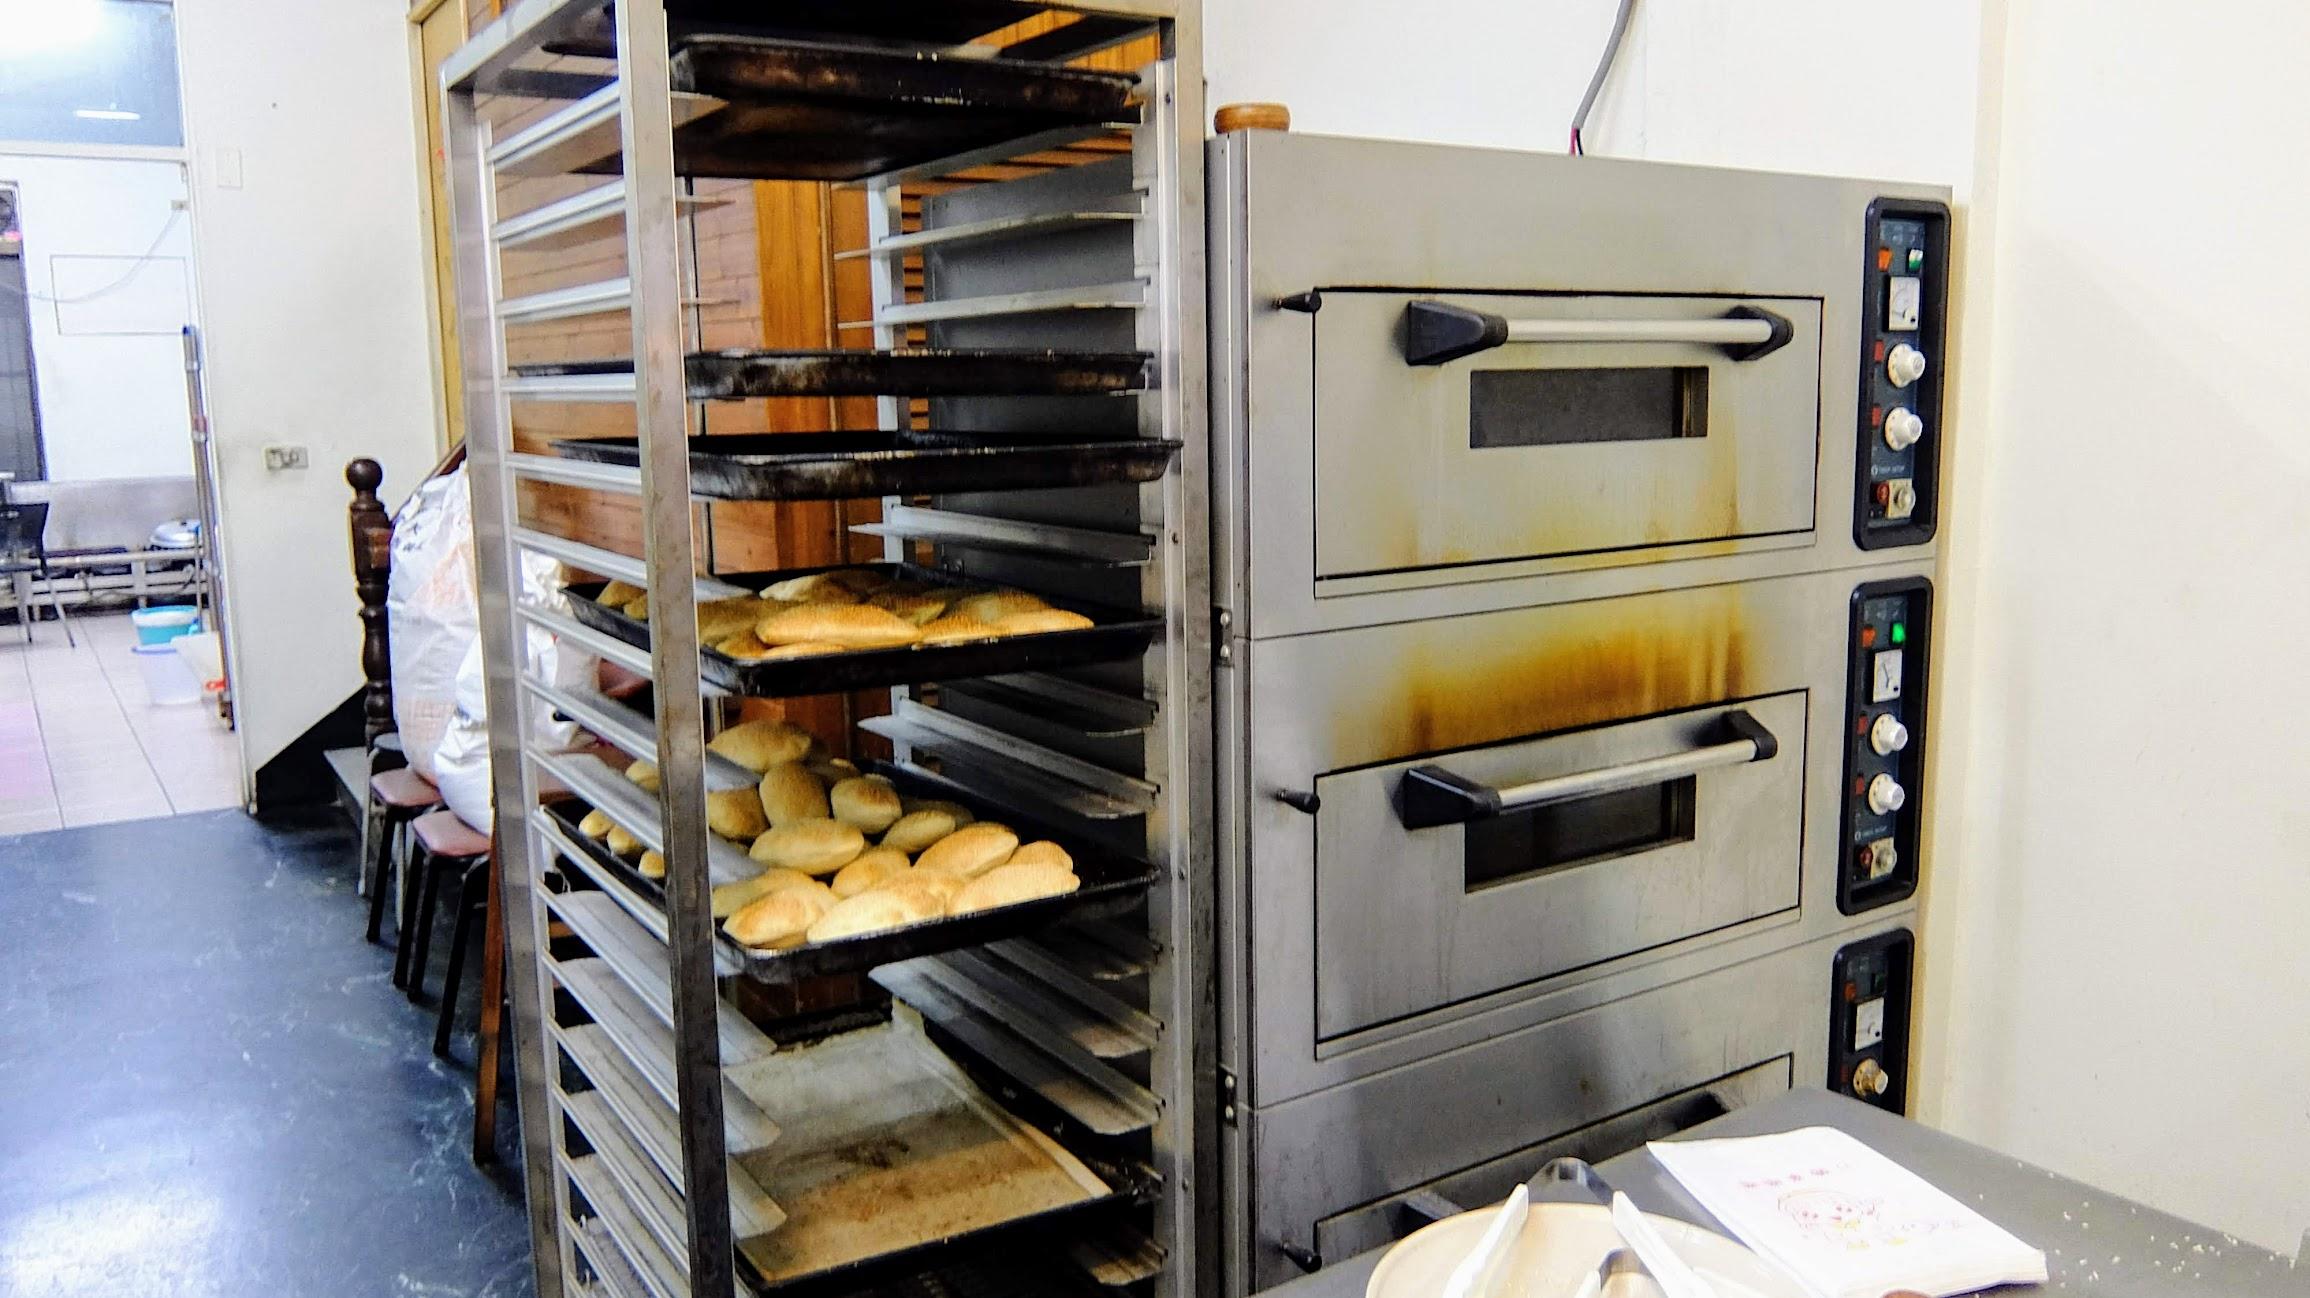 後方有烤箱烤爐